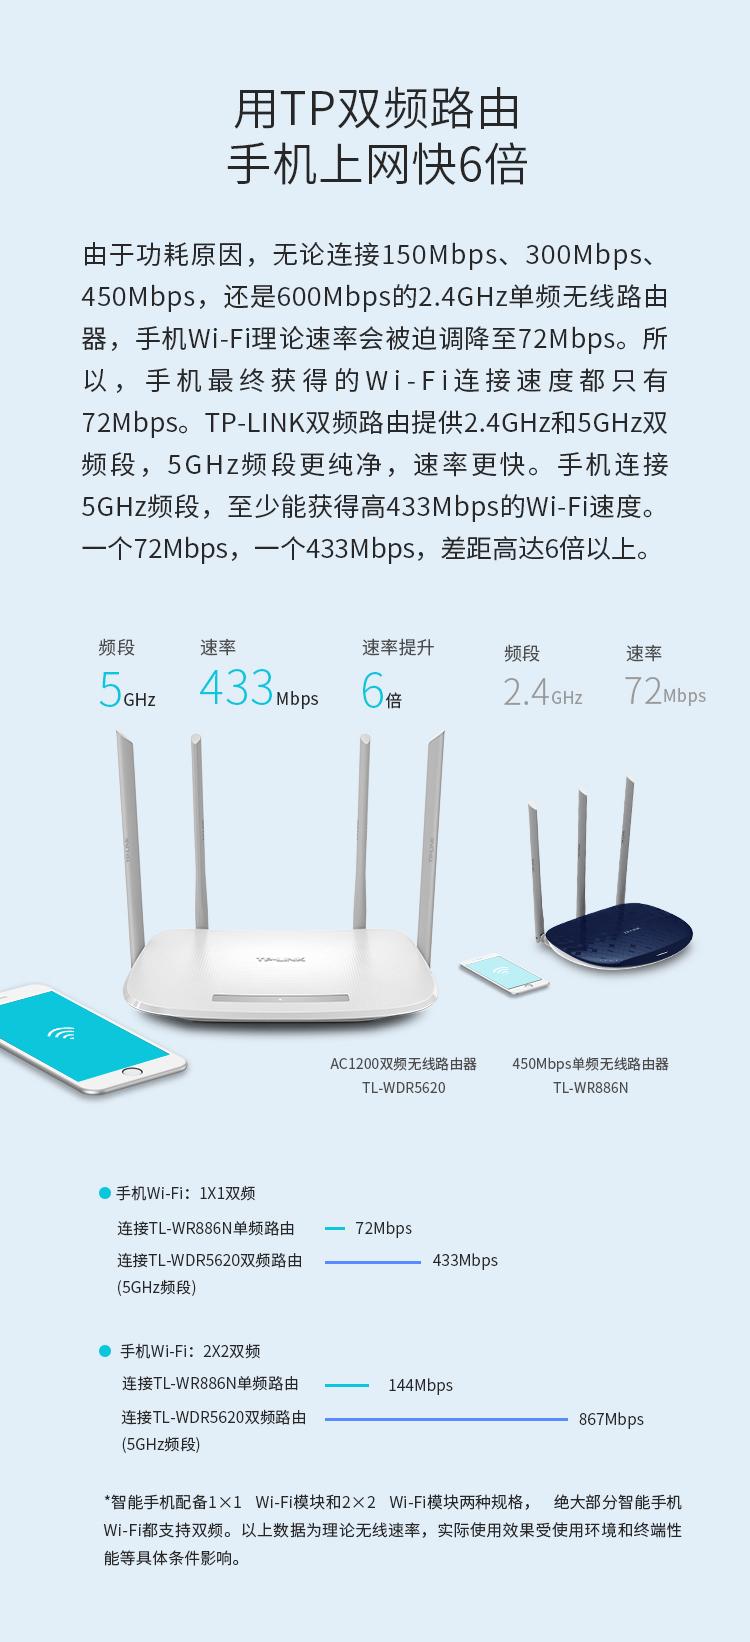 TP-l<em></em>ink TL-WDR5620 1200M 5G双频智能无线路由器 四天线智能wifi 稳定穿墙高速家用路由器